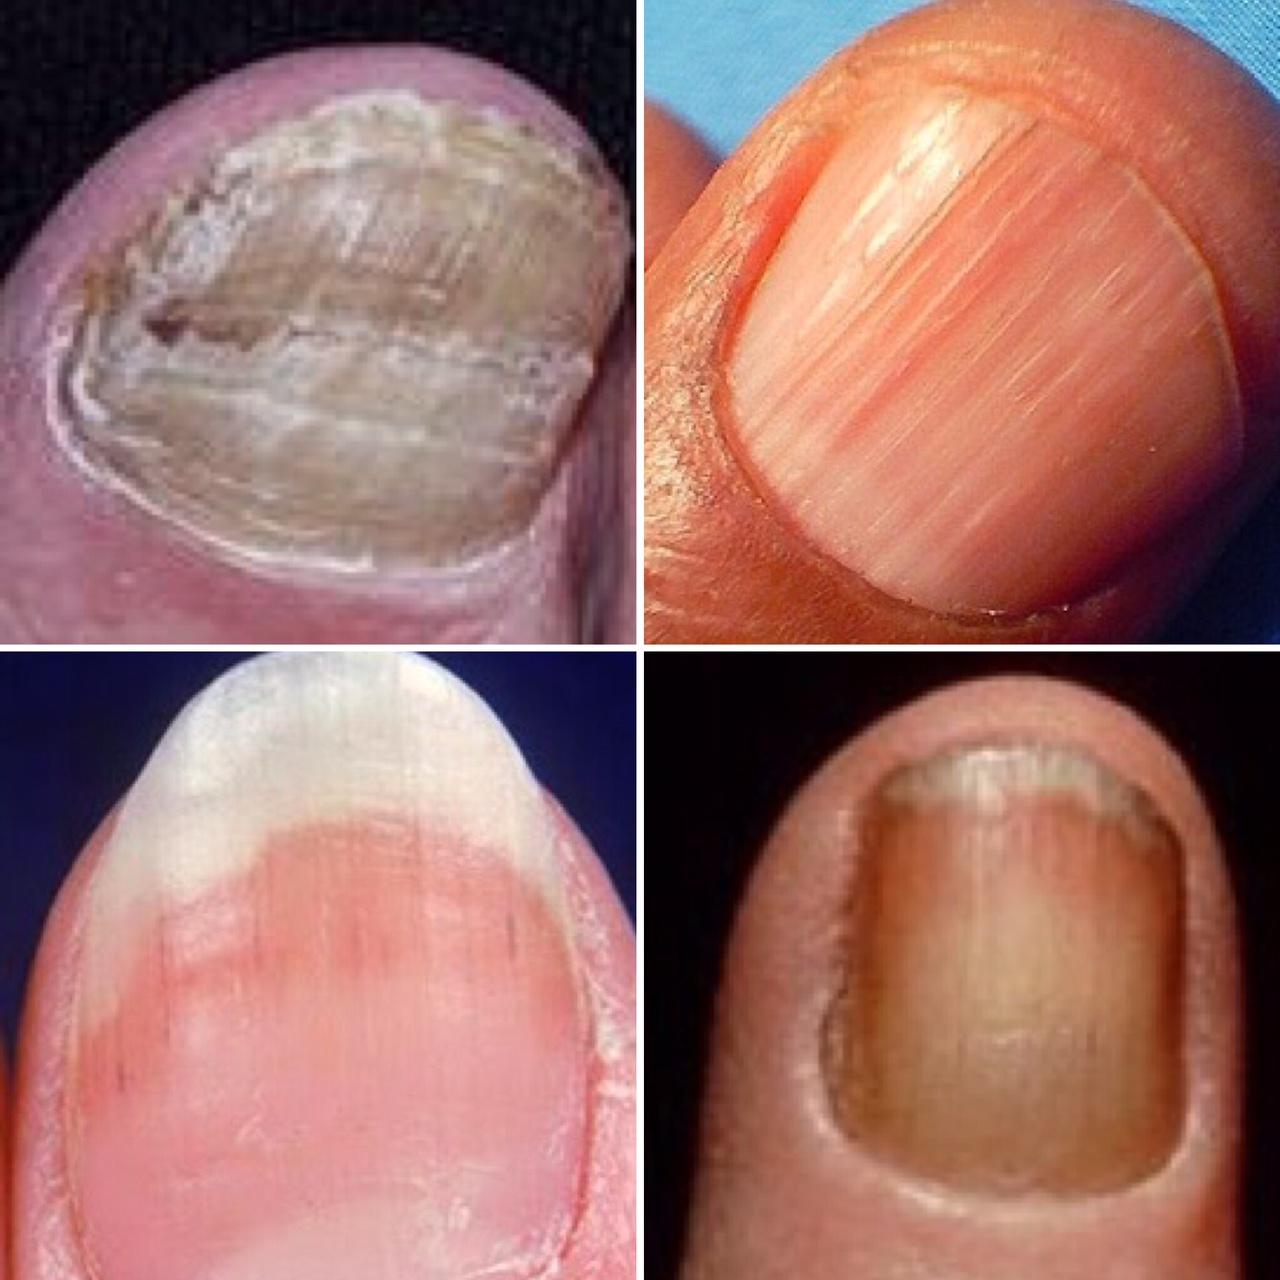 Cuidado de uñas en pacientes oncológicos - Carla Bedia